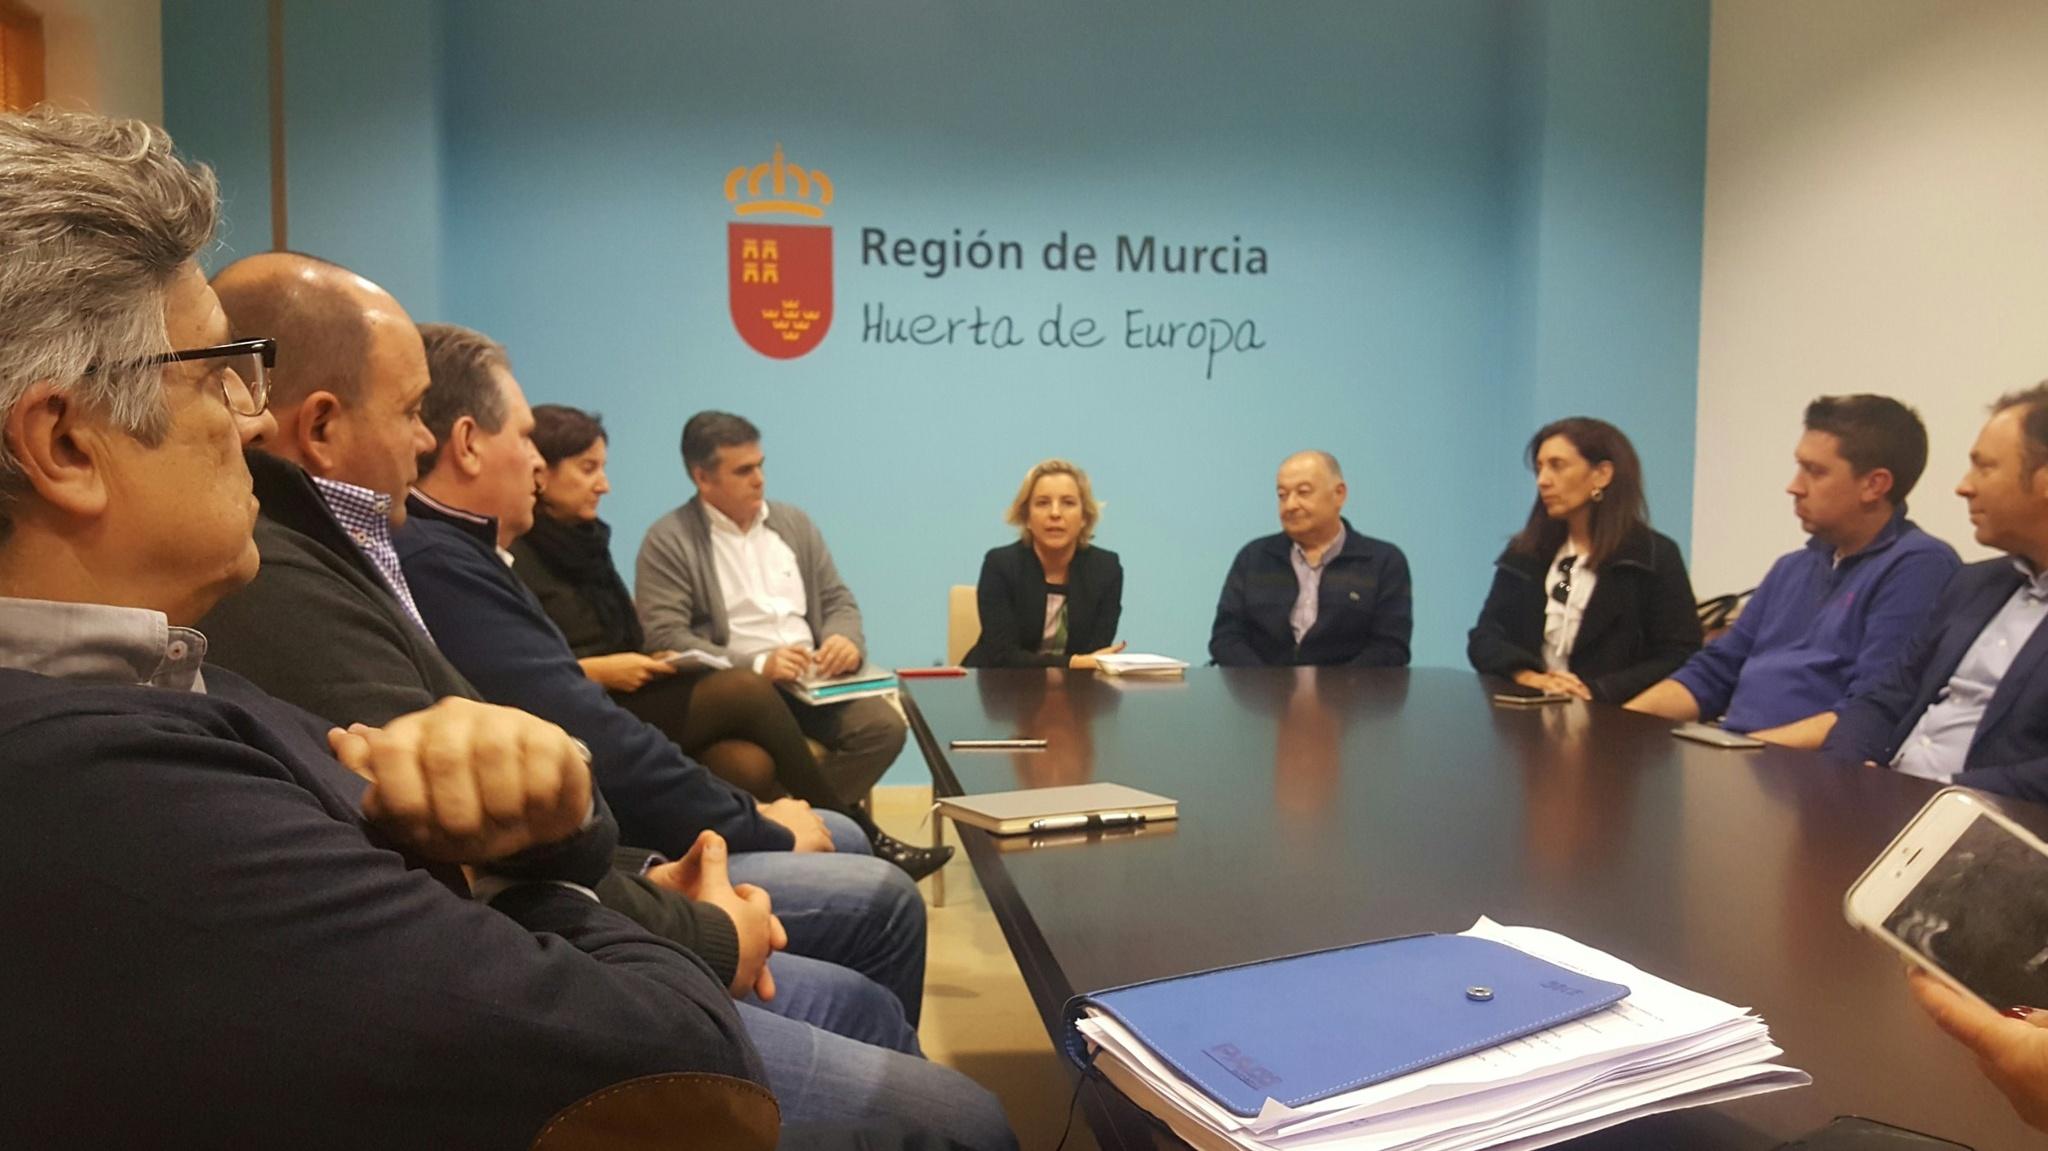 La consejera (c), acompañada por varios miembros de su equipo directivo, en la reunión con los regantes de la Comunidad Arco Sur. Imagen: CARM